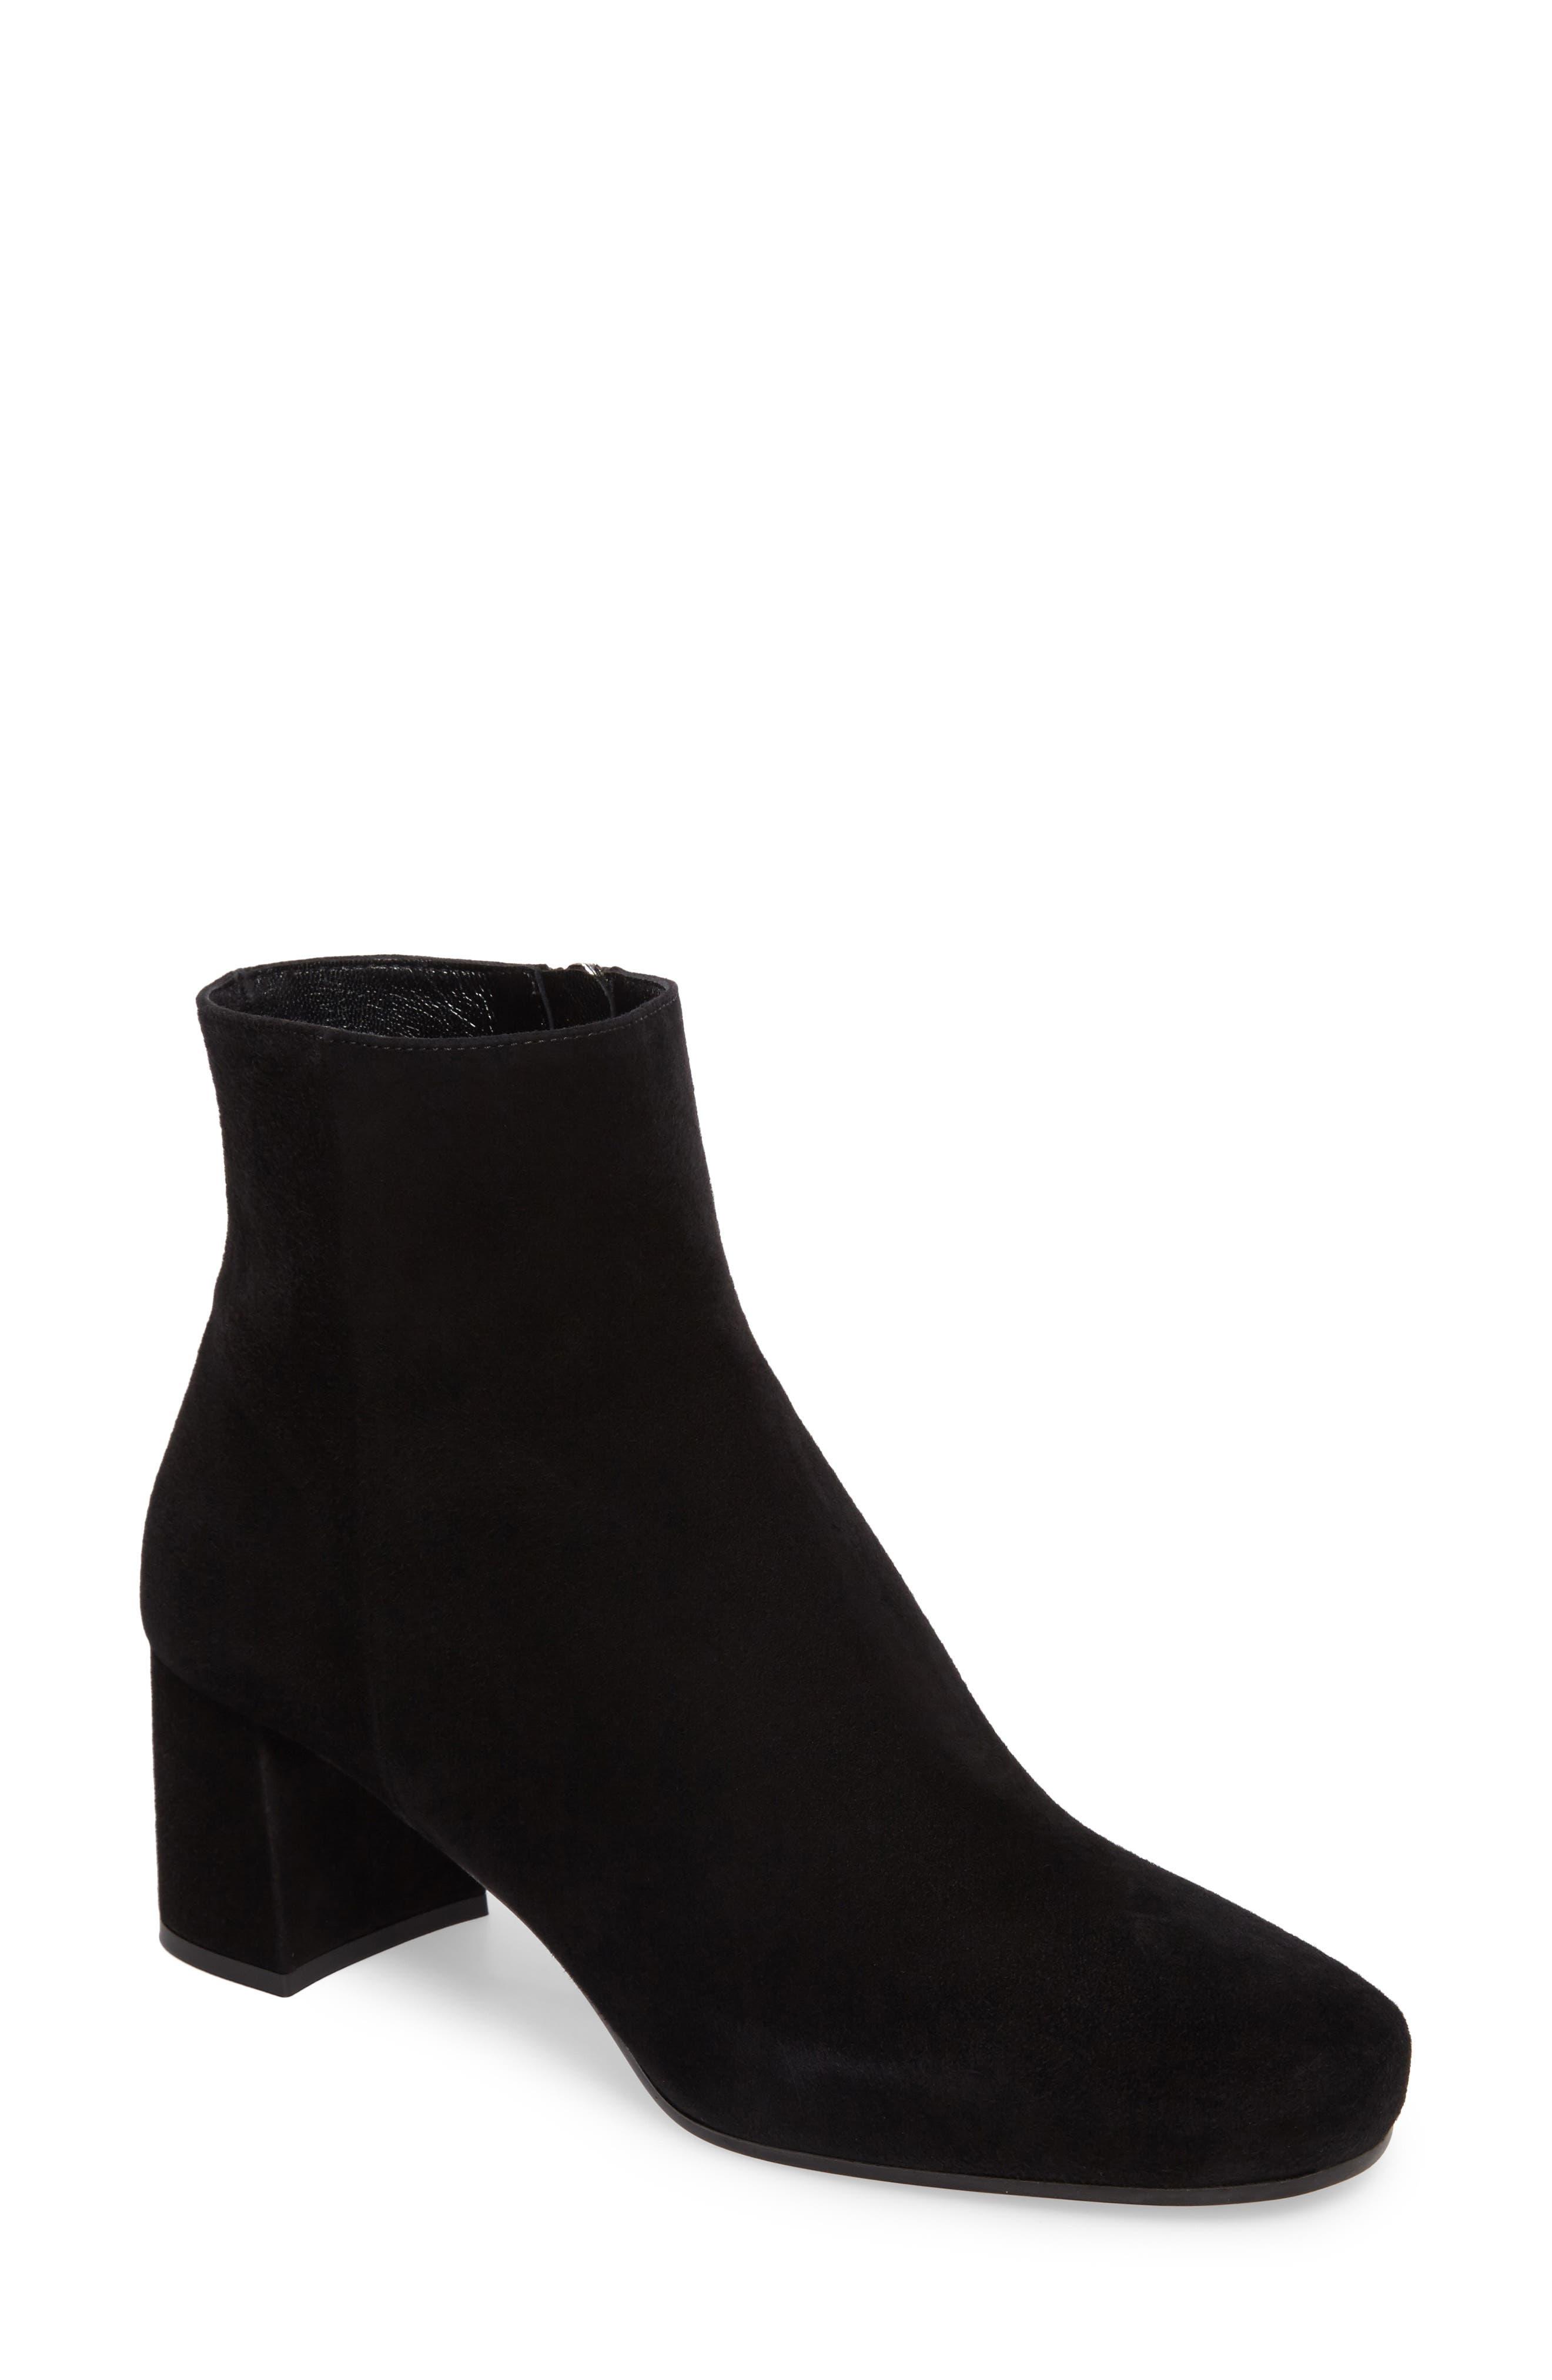 64a004a5874 prada boots sale - OFF62% Discounts